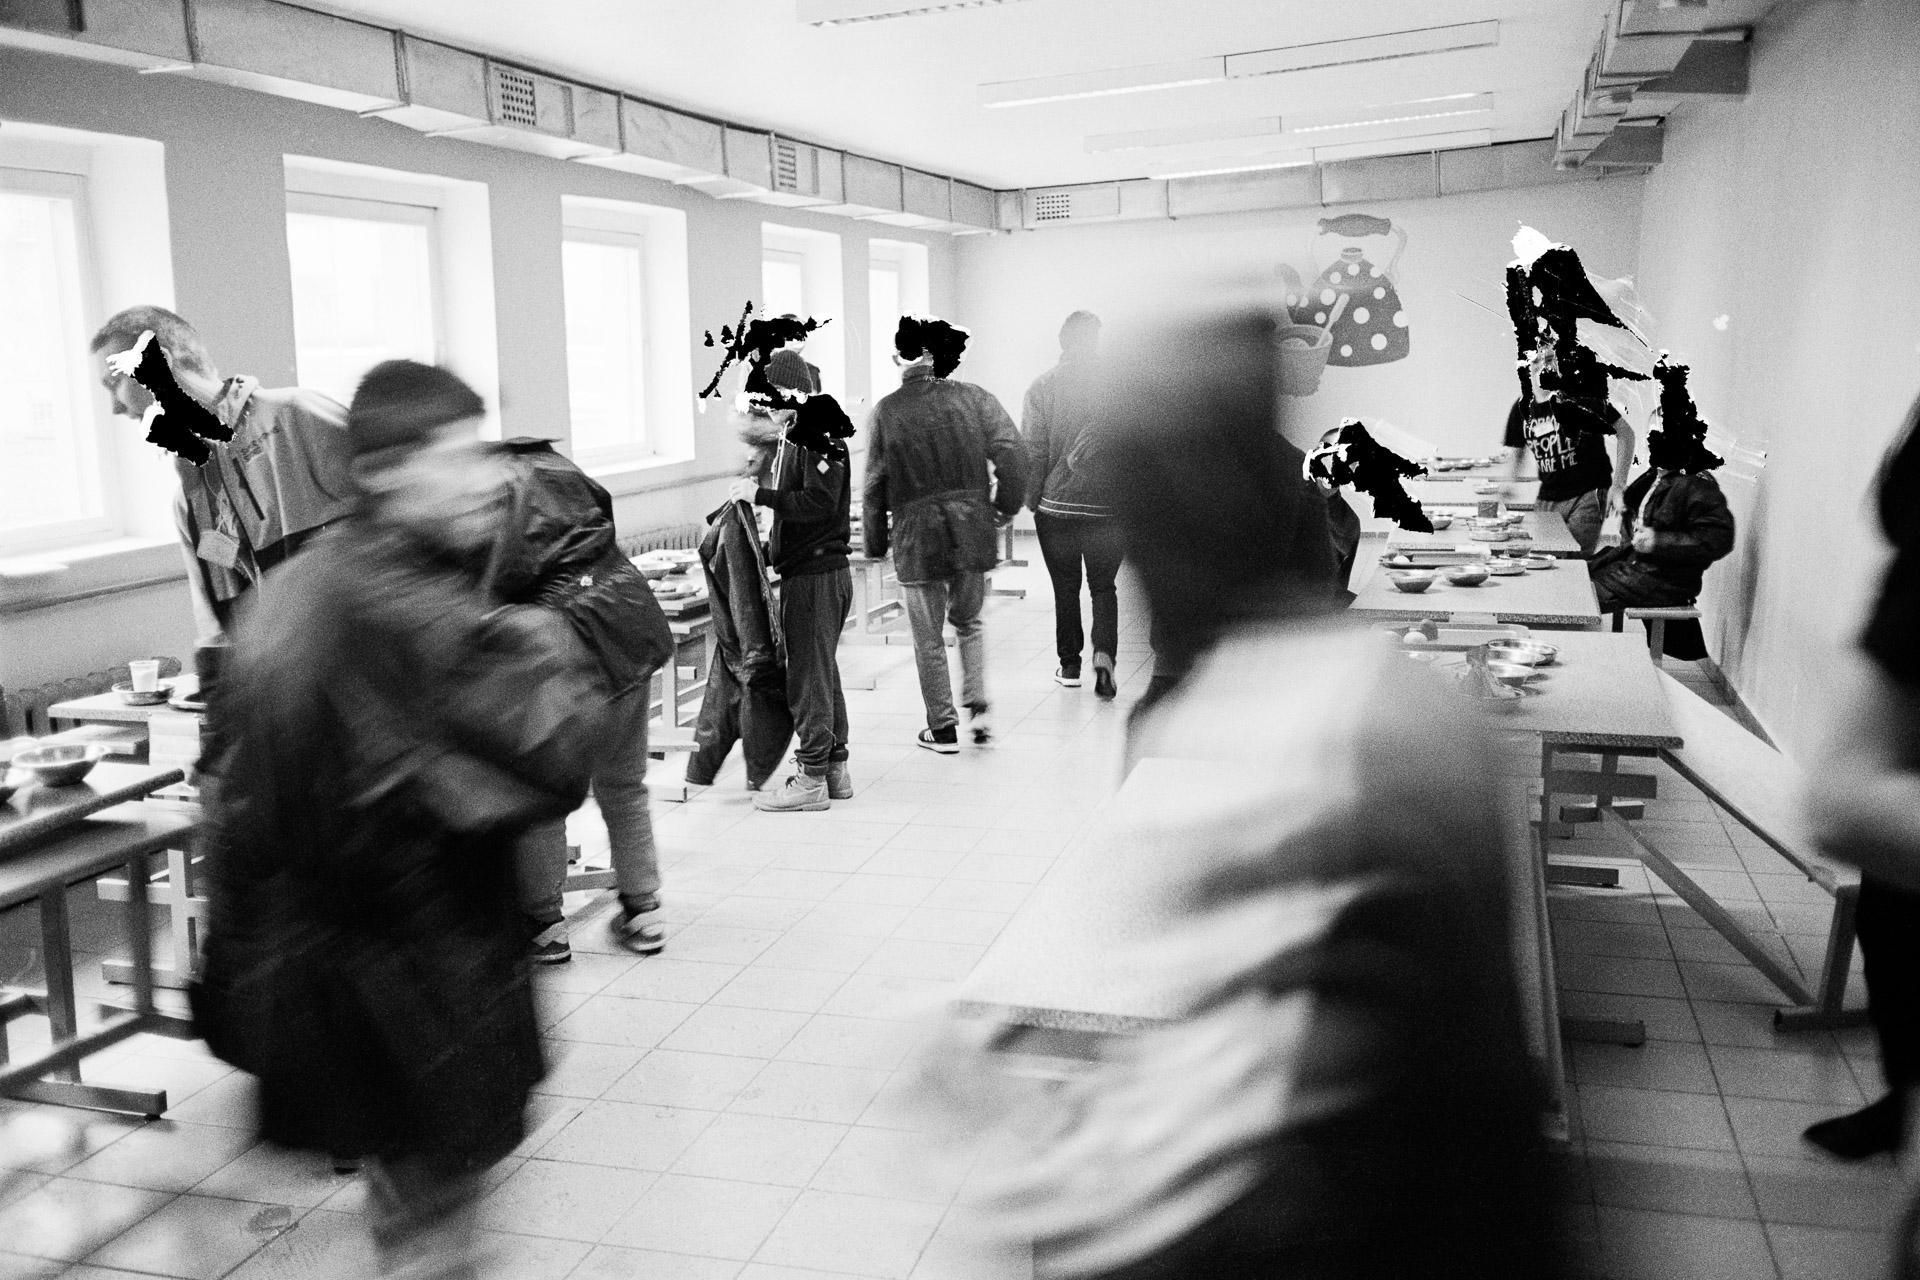 In the dining hall, the prisoners are separated into two groups: those serving their sentences eat in one room, those in remand detention in the other. With the permission of a guard who escorted me at all times, I went to the dining hall to photograph it. A group of youth came in and sat down at the tables, each with his own designated spot. They took advantage of my presence to quickly explain to me that their meals were never good. I took two photos and another guard raced to stop me. I understand that each guard enforces the rules a bit as he interprets them. The administration will have the last word: it orders me to scratch out the identities of each inmate. A la cantine, les prisonniers sont séparés en deux groupes : ceux purgeant leur peine déjeunent dans une salle, ceux en détention provisoire dans l'autre. Le quotidien des détenus m'intéressait évidement. Un jour, j'avais demandé au garde qui m'accompagnait en permanence si je pouvais photographier la cantine. Avec son accord, on y est allé. Un groupe de jeunes arrive alors pour s'attabler. Chacun possède sa place attitrée. Ils profitent de ma présence pour m'expliquer rapidement que leur repas n'est jamais bon. Je fais deux photos et très vite, un autre garde se précipite pour m'interpeller. Je comprends que chaque surveillant applique les règles un peu comme il l'entend. Mais finalement, plus tard, ce sera le service de sécurité qui aura le dernier mot, en m'ordonnant de gratter les identités de chaque détenu. © Jérémie Jung